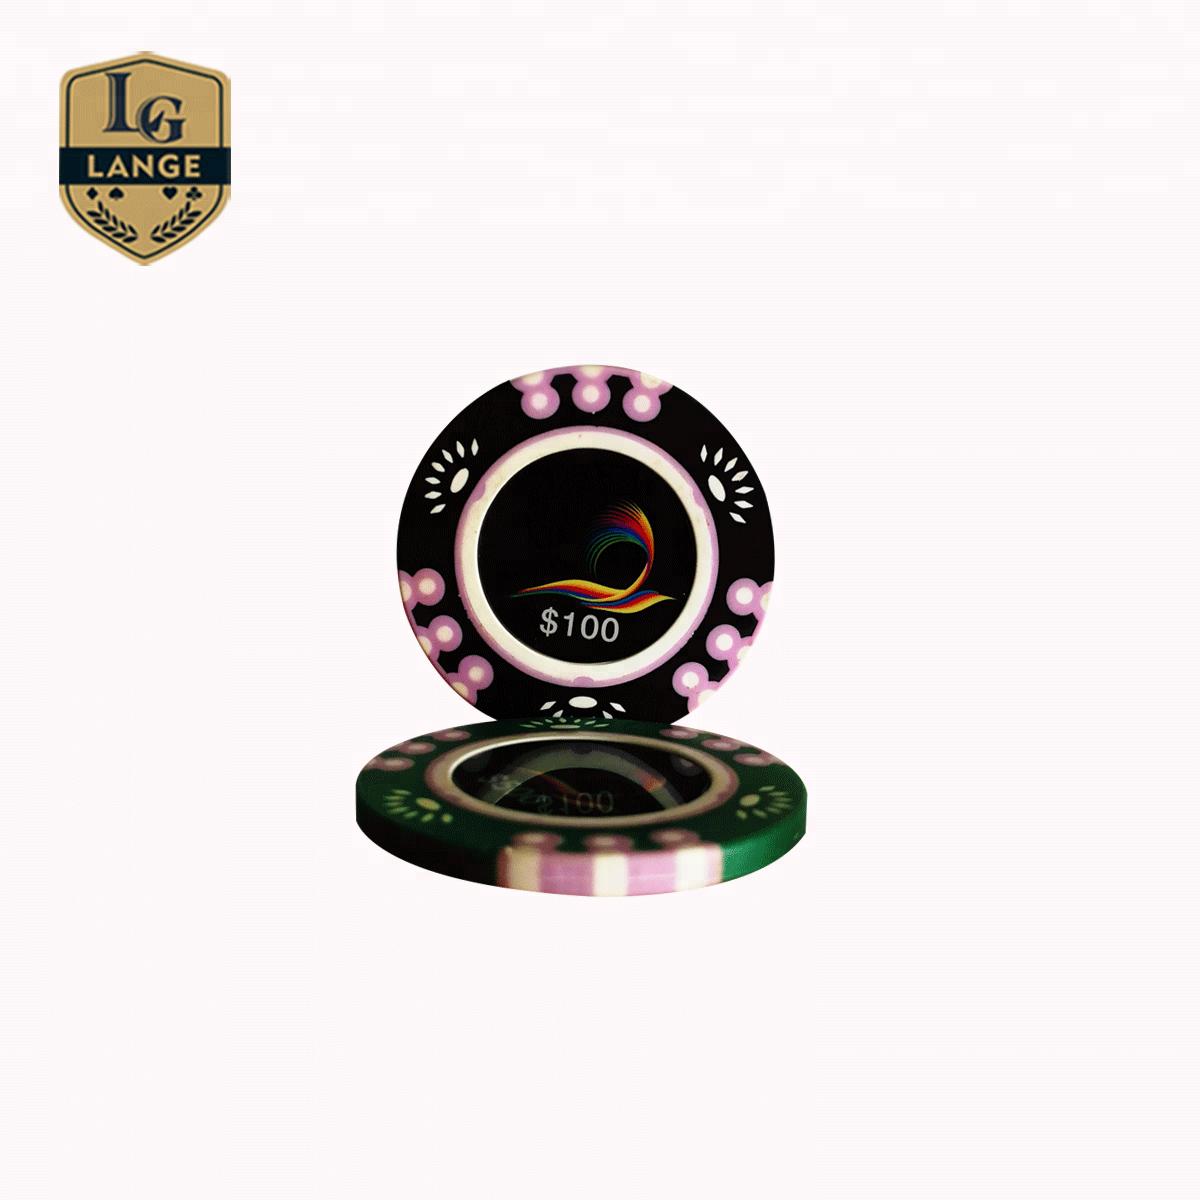 14g 3 Ton Wert Injiziert Nylon Poker Chips Texas Holdem Poker Chip